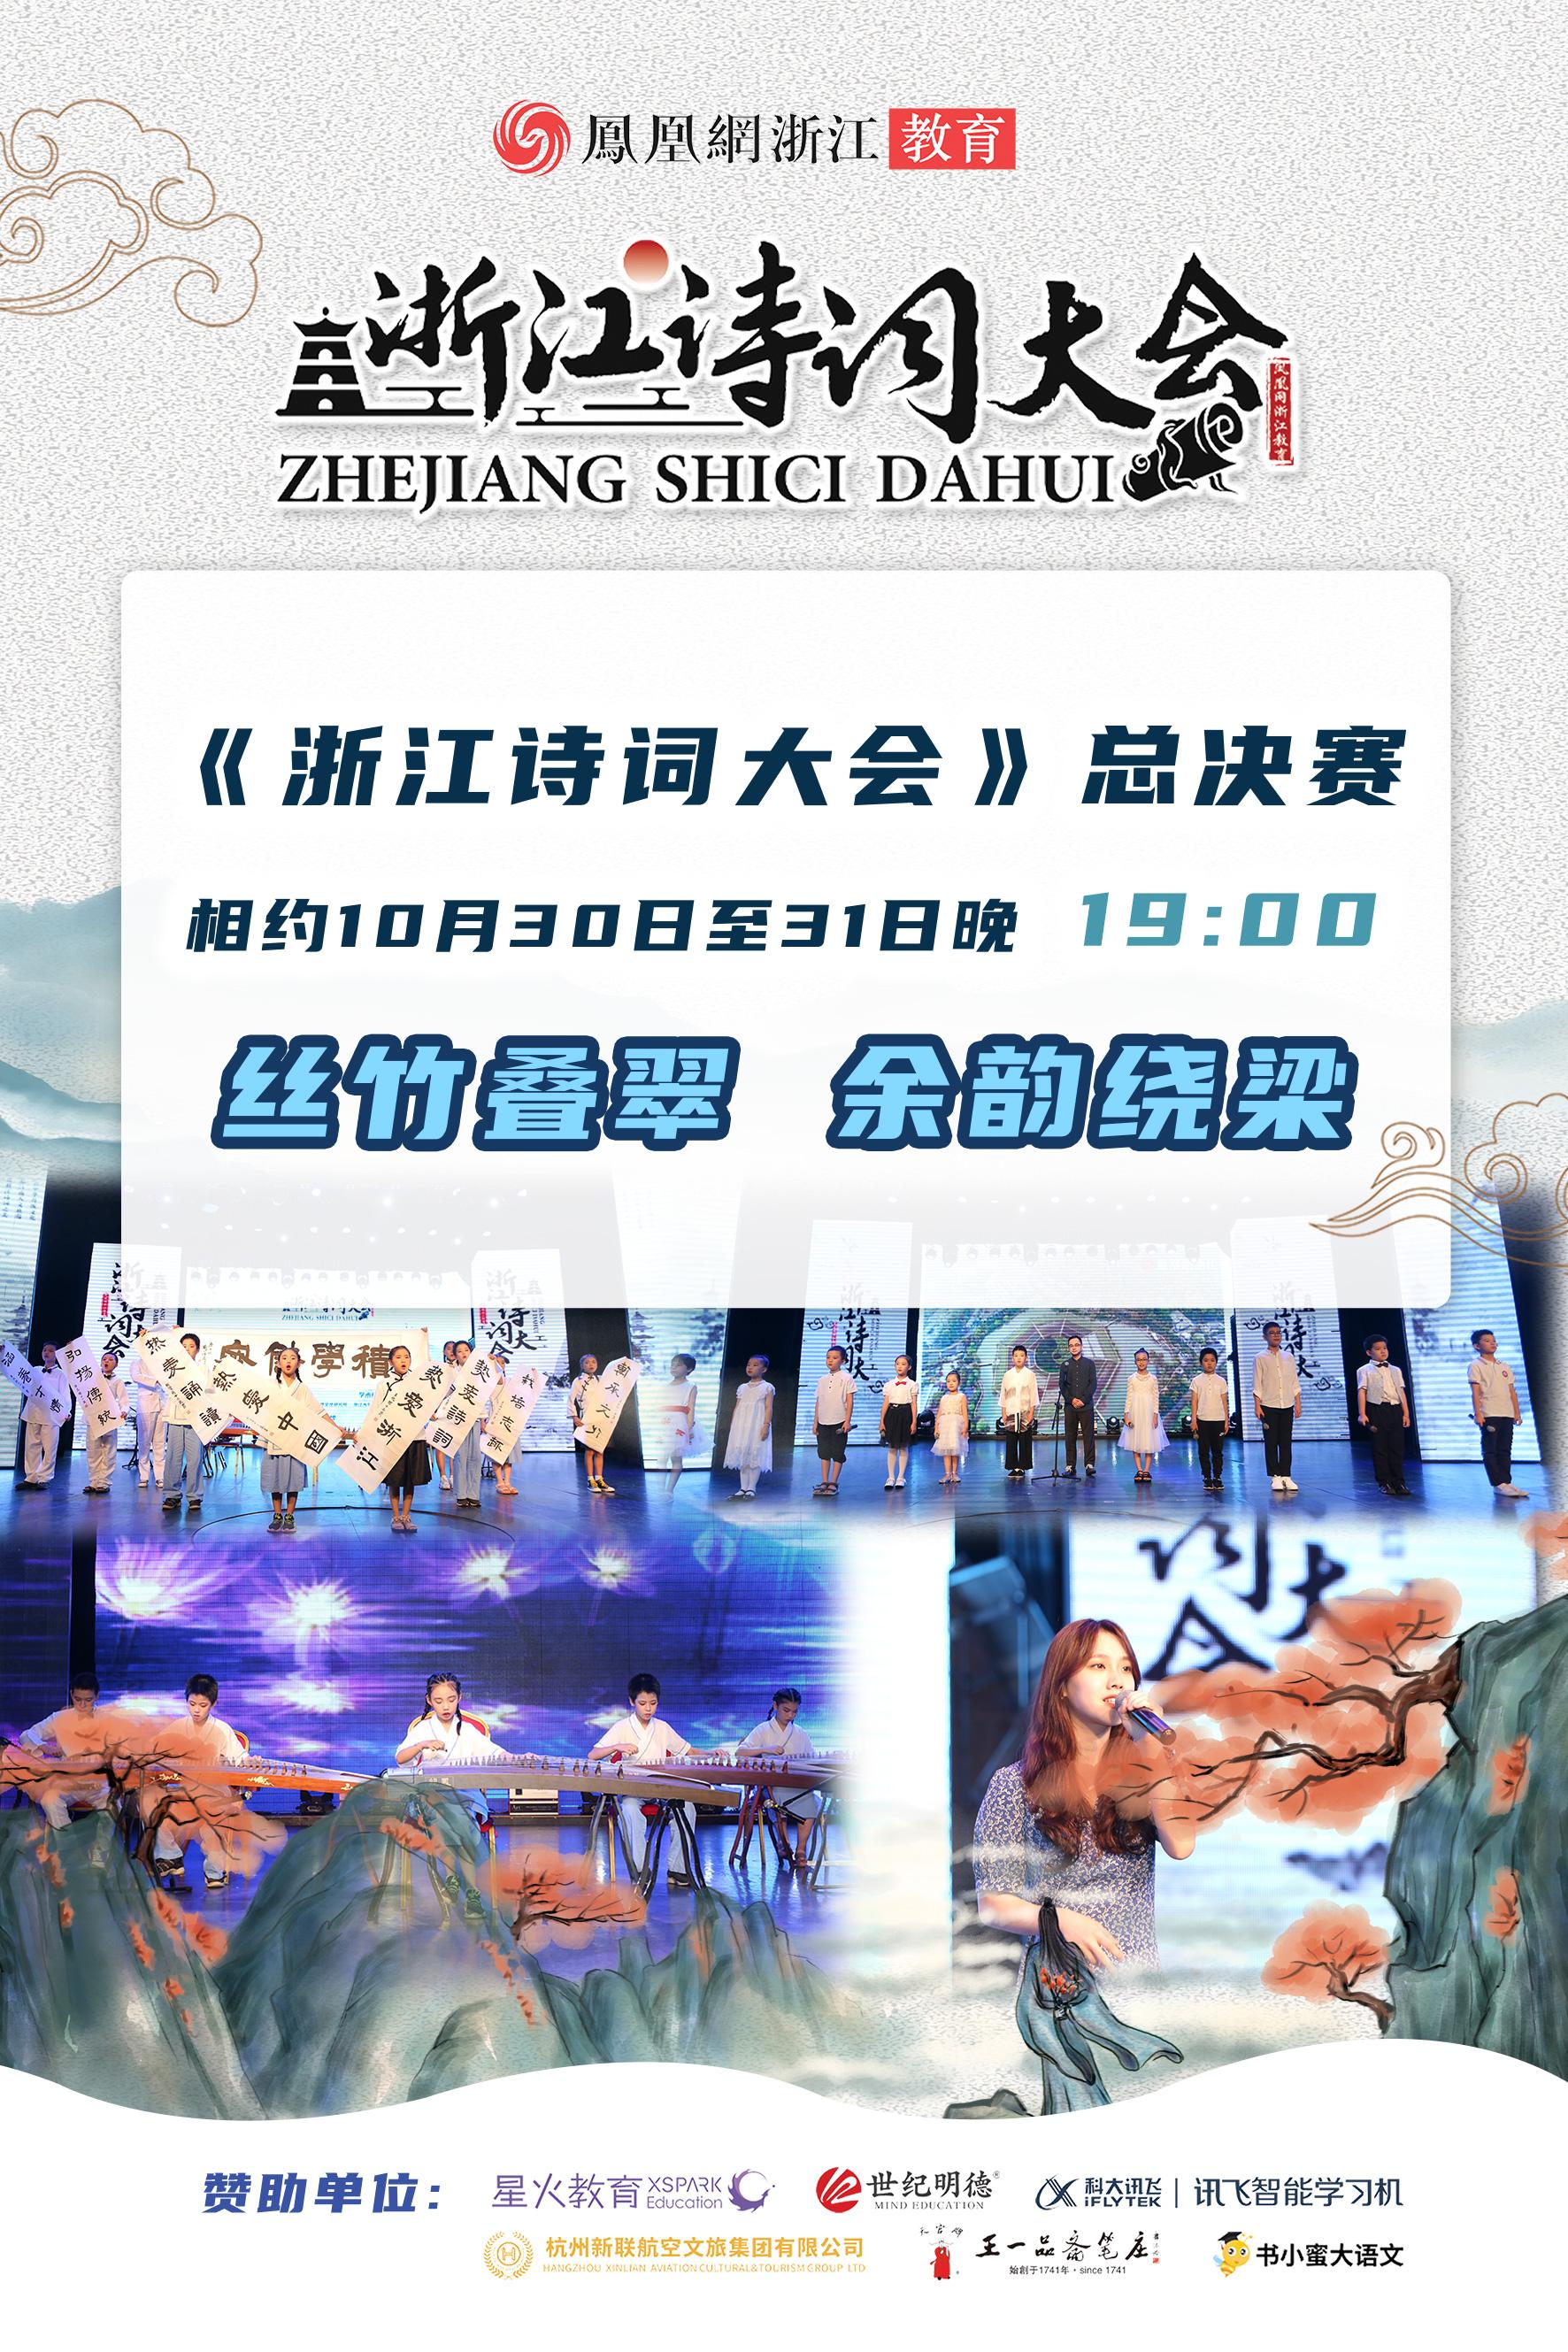 《浙江诗词大会》十强选手巅峰对决在即,谁将与彭敏一较高下?